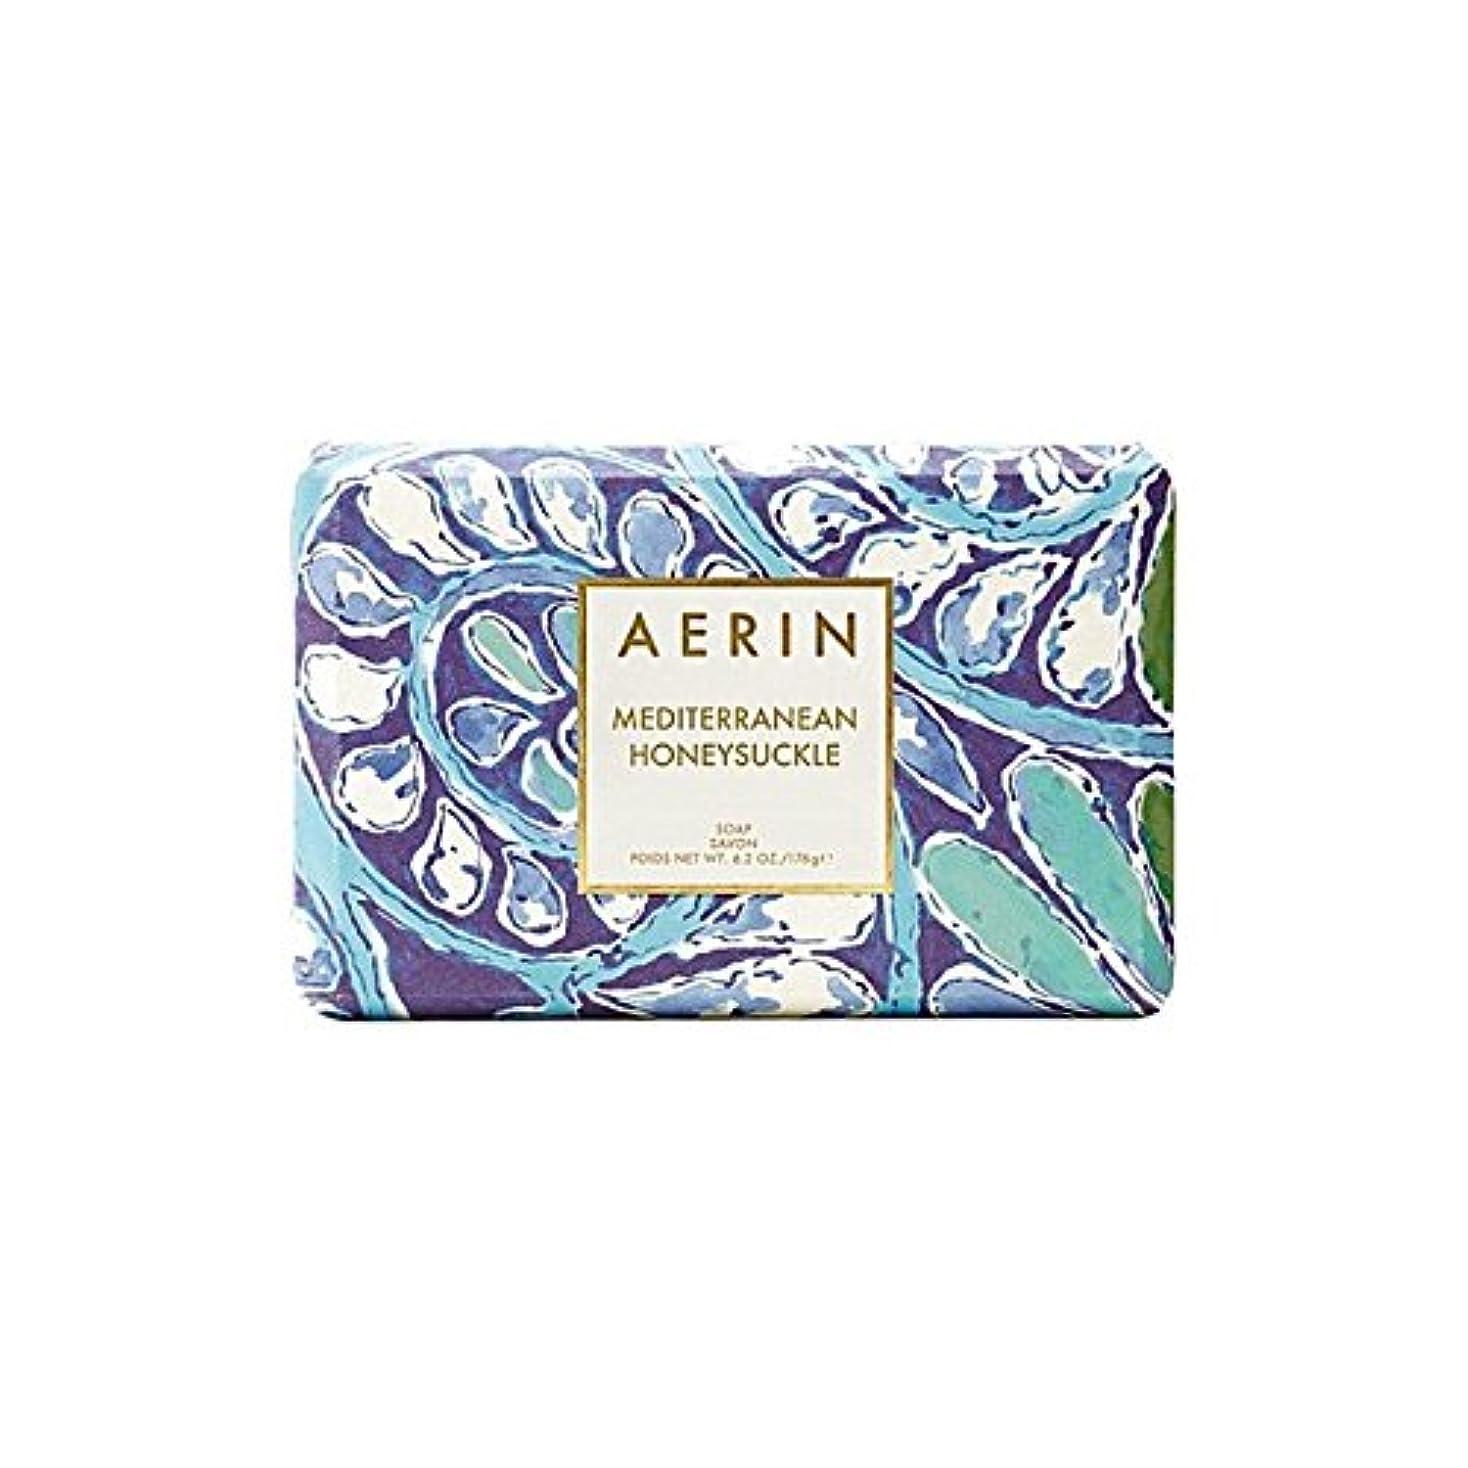 政治家の錫出血スイカズラ固形石鹸176グラム x4 - Aerin Mediterrenean Honeysuckle Bar Soap 176G (Pack of 4) [並行輸入品]